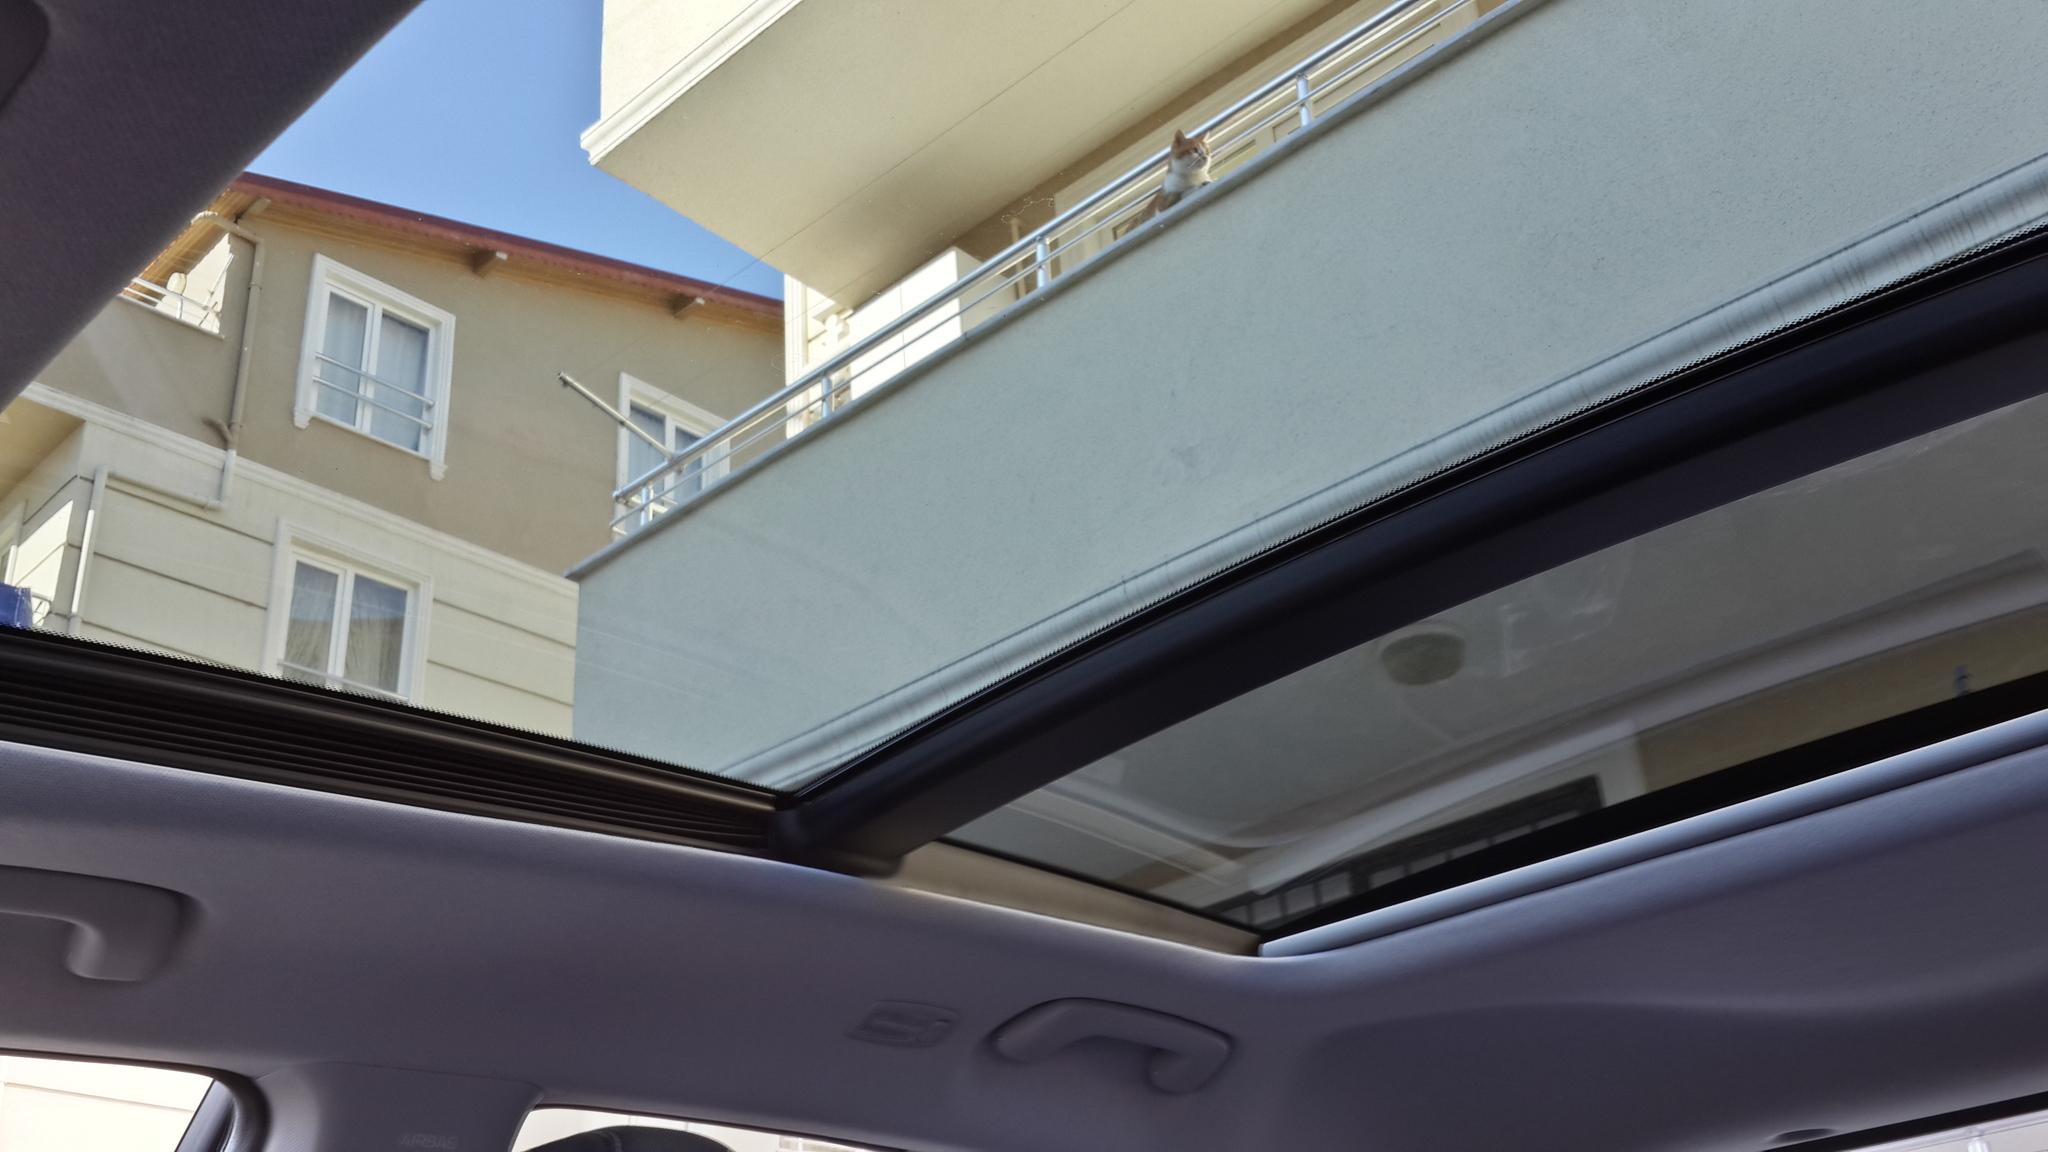 2015 hyundai i20 çakıl gri cam tavan